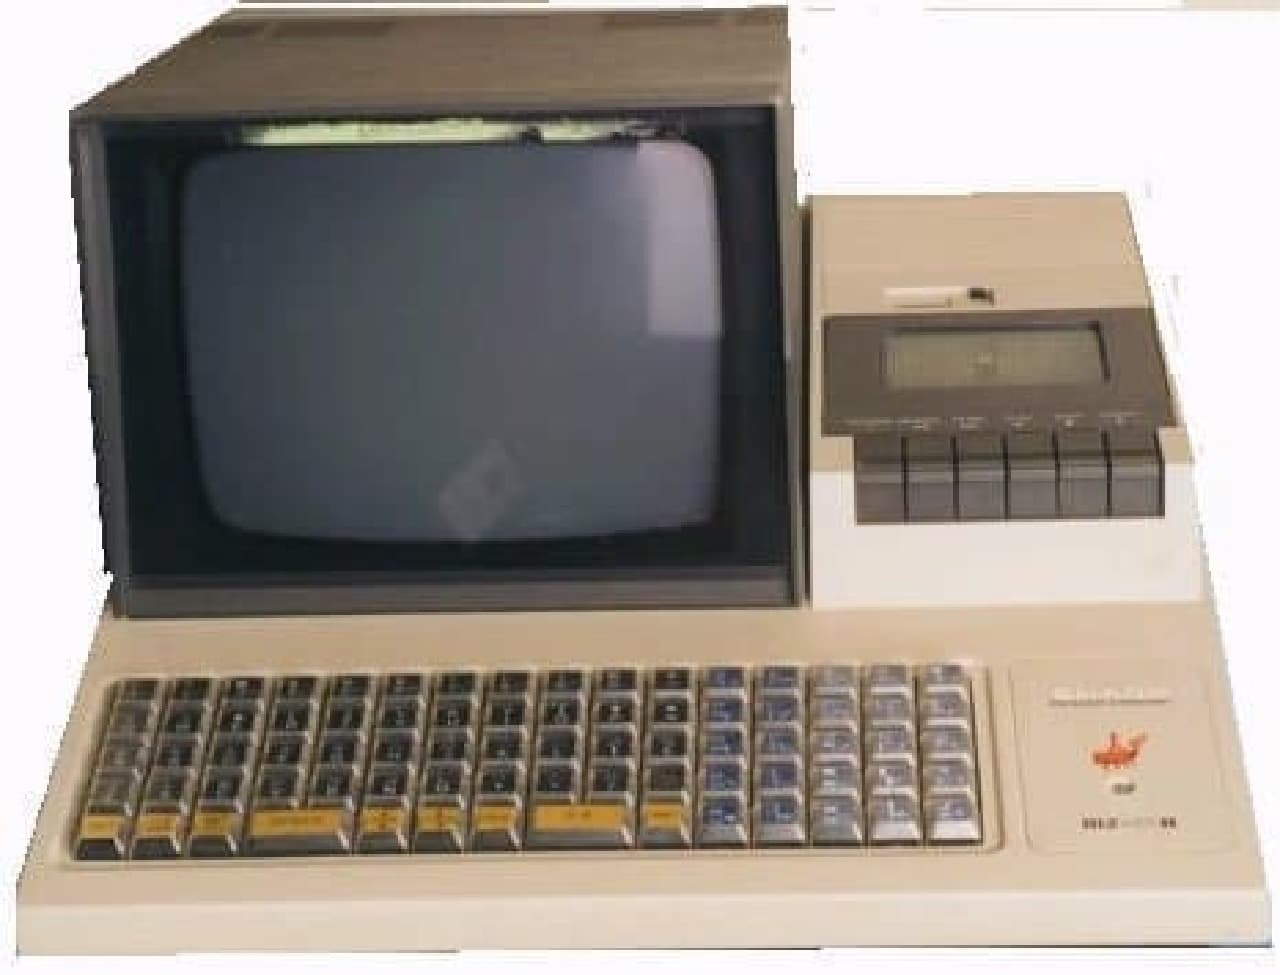 シャープによるMZ-80K